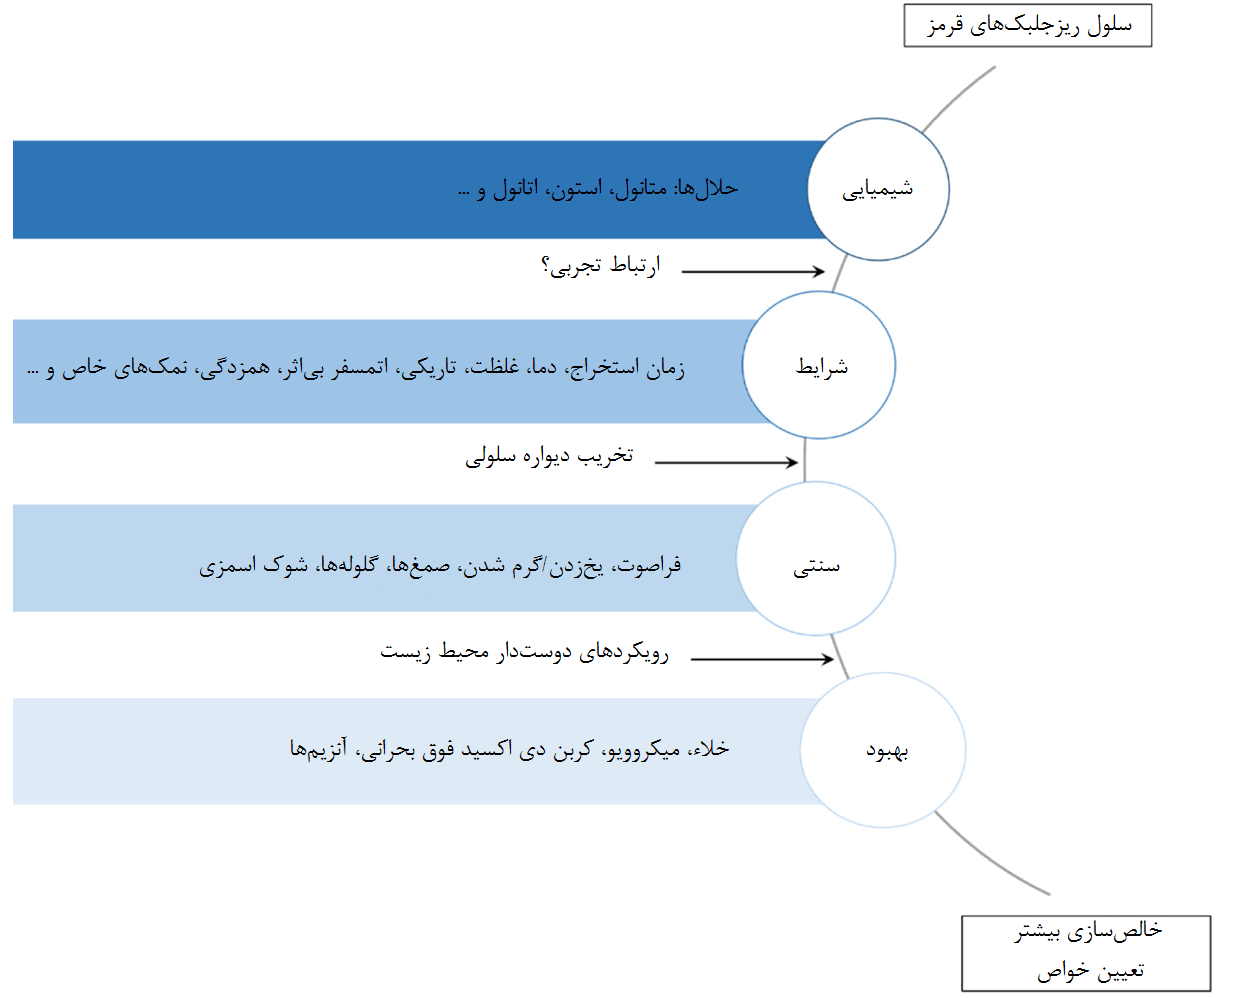 شکل 9- راهکارهای اصلی در استخراج رنگدانه از ریزجلبکهای قرمز